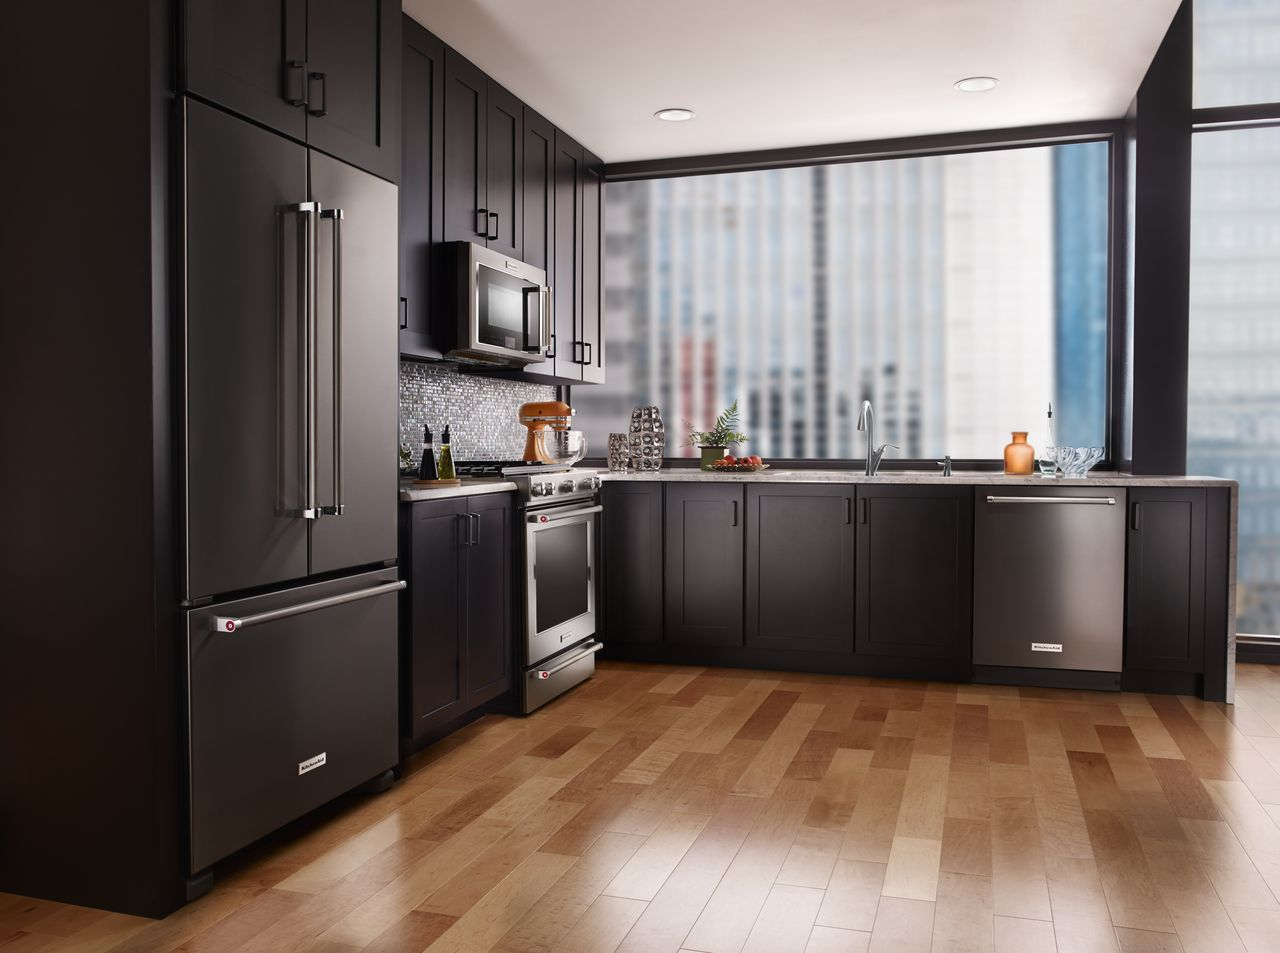 Kitchen Aid Kitchen Appliances Kitchenaid Reimagined Bray Scarff Kitchen Design Blog